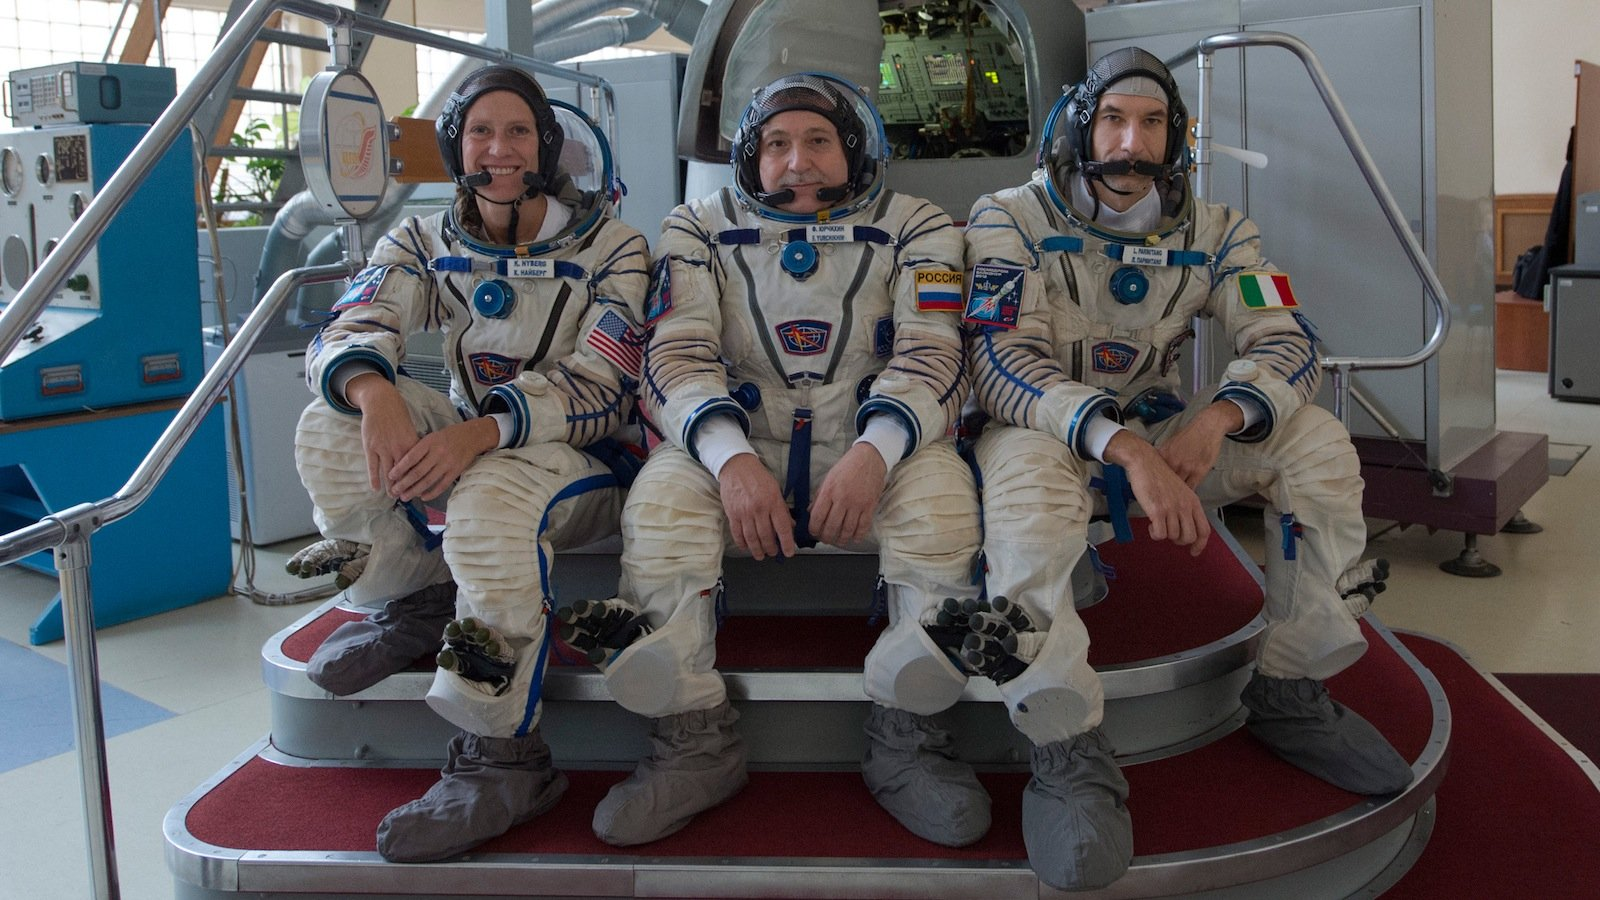 Für sechs Monate im Weltall: Der europäische Astronaut Luca Parmitano (r.) wird gemeinsam mit der amerikanischen Astronauten Karen Nyberg (l.) und dem russischen Kosmonauten Fjodor Jurtschichin auf der Internationalen Raumstation ISS leben und arbeiten.